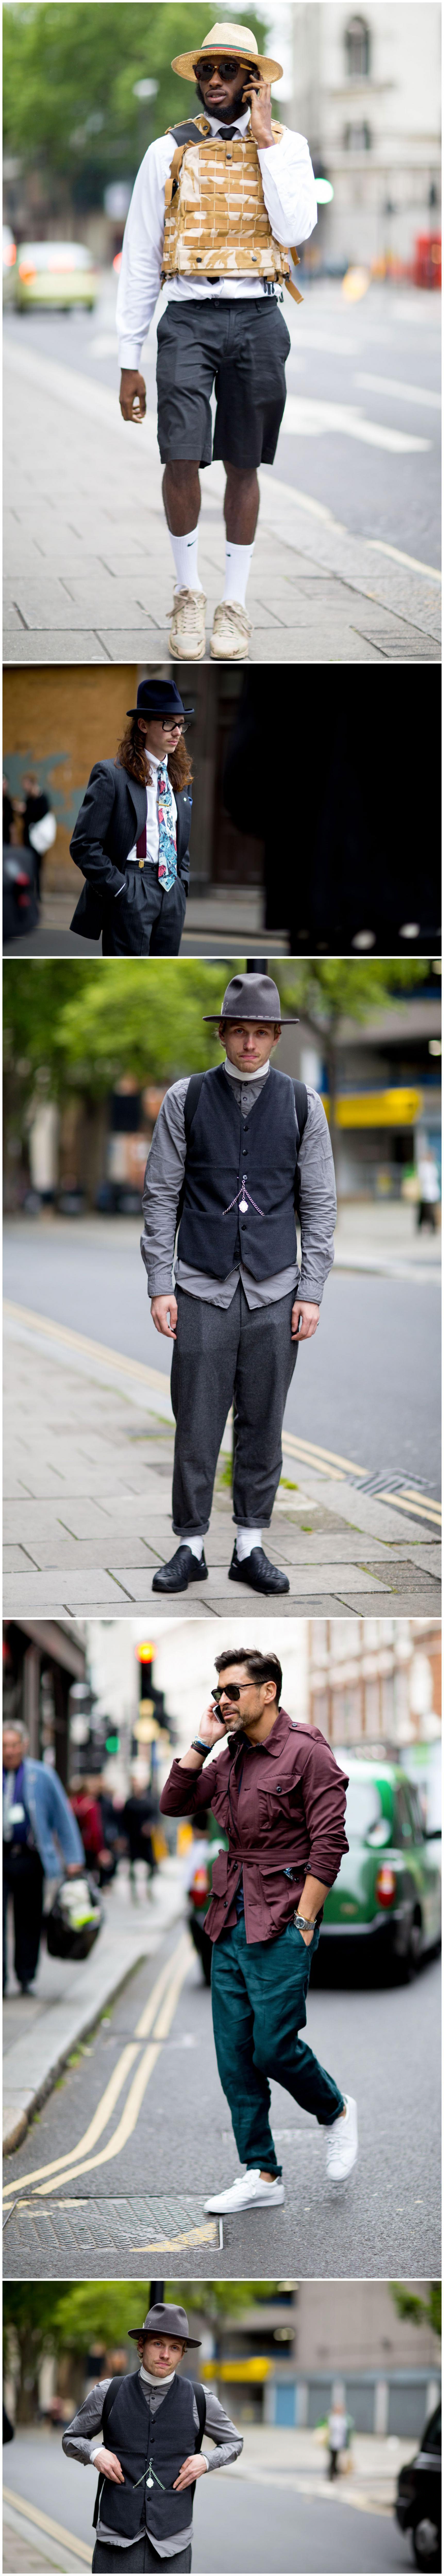 倫敦男裝周,全英國最有型的男人都在這裡了!